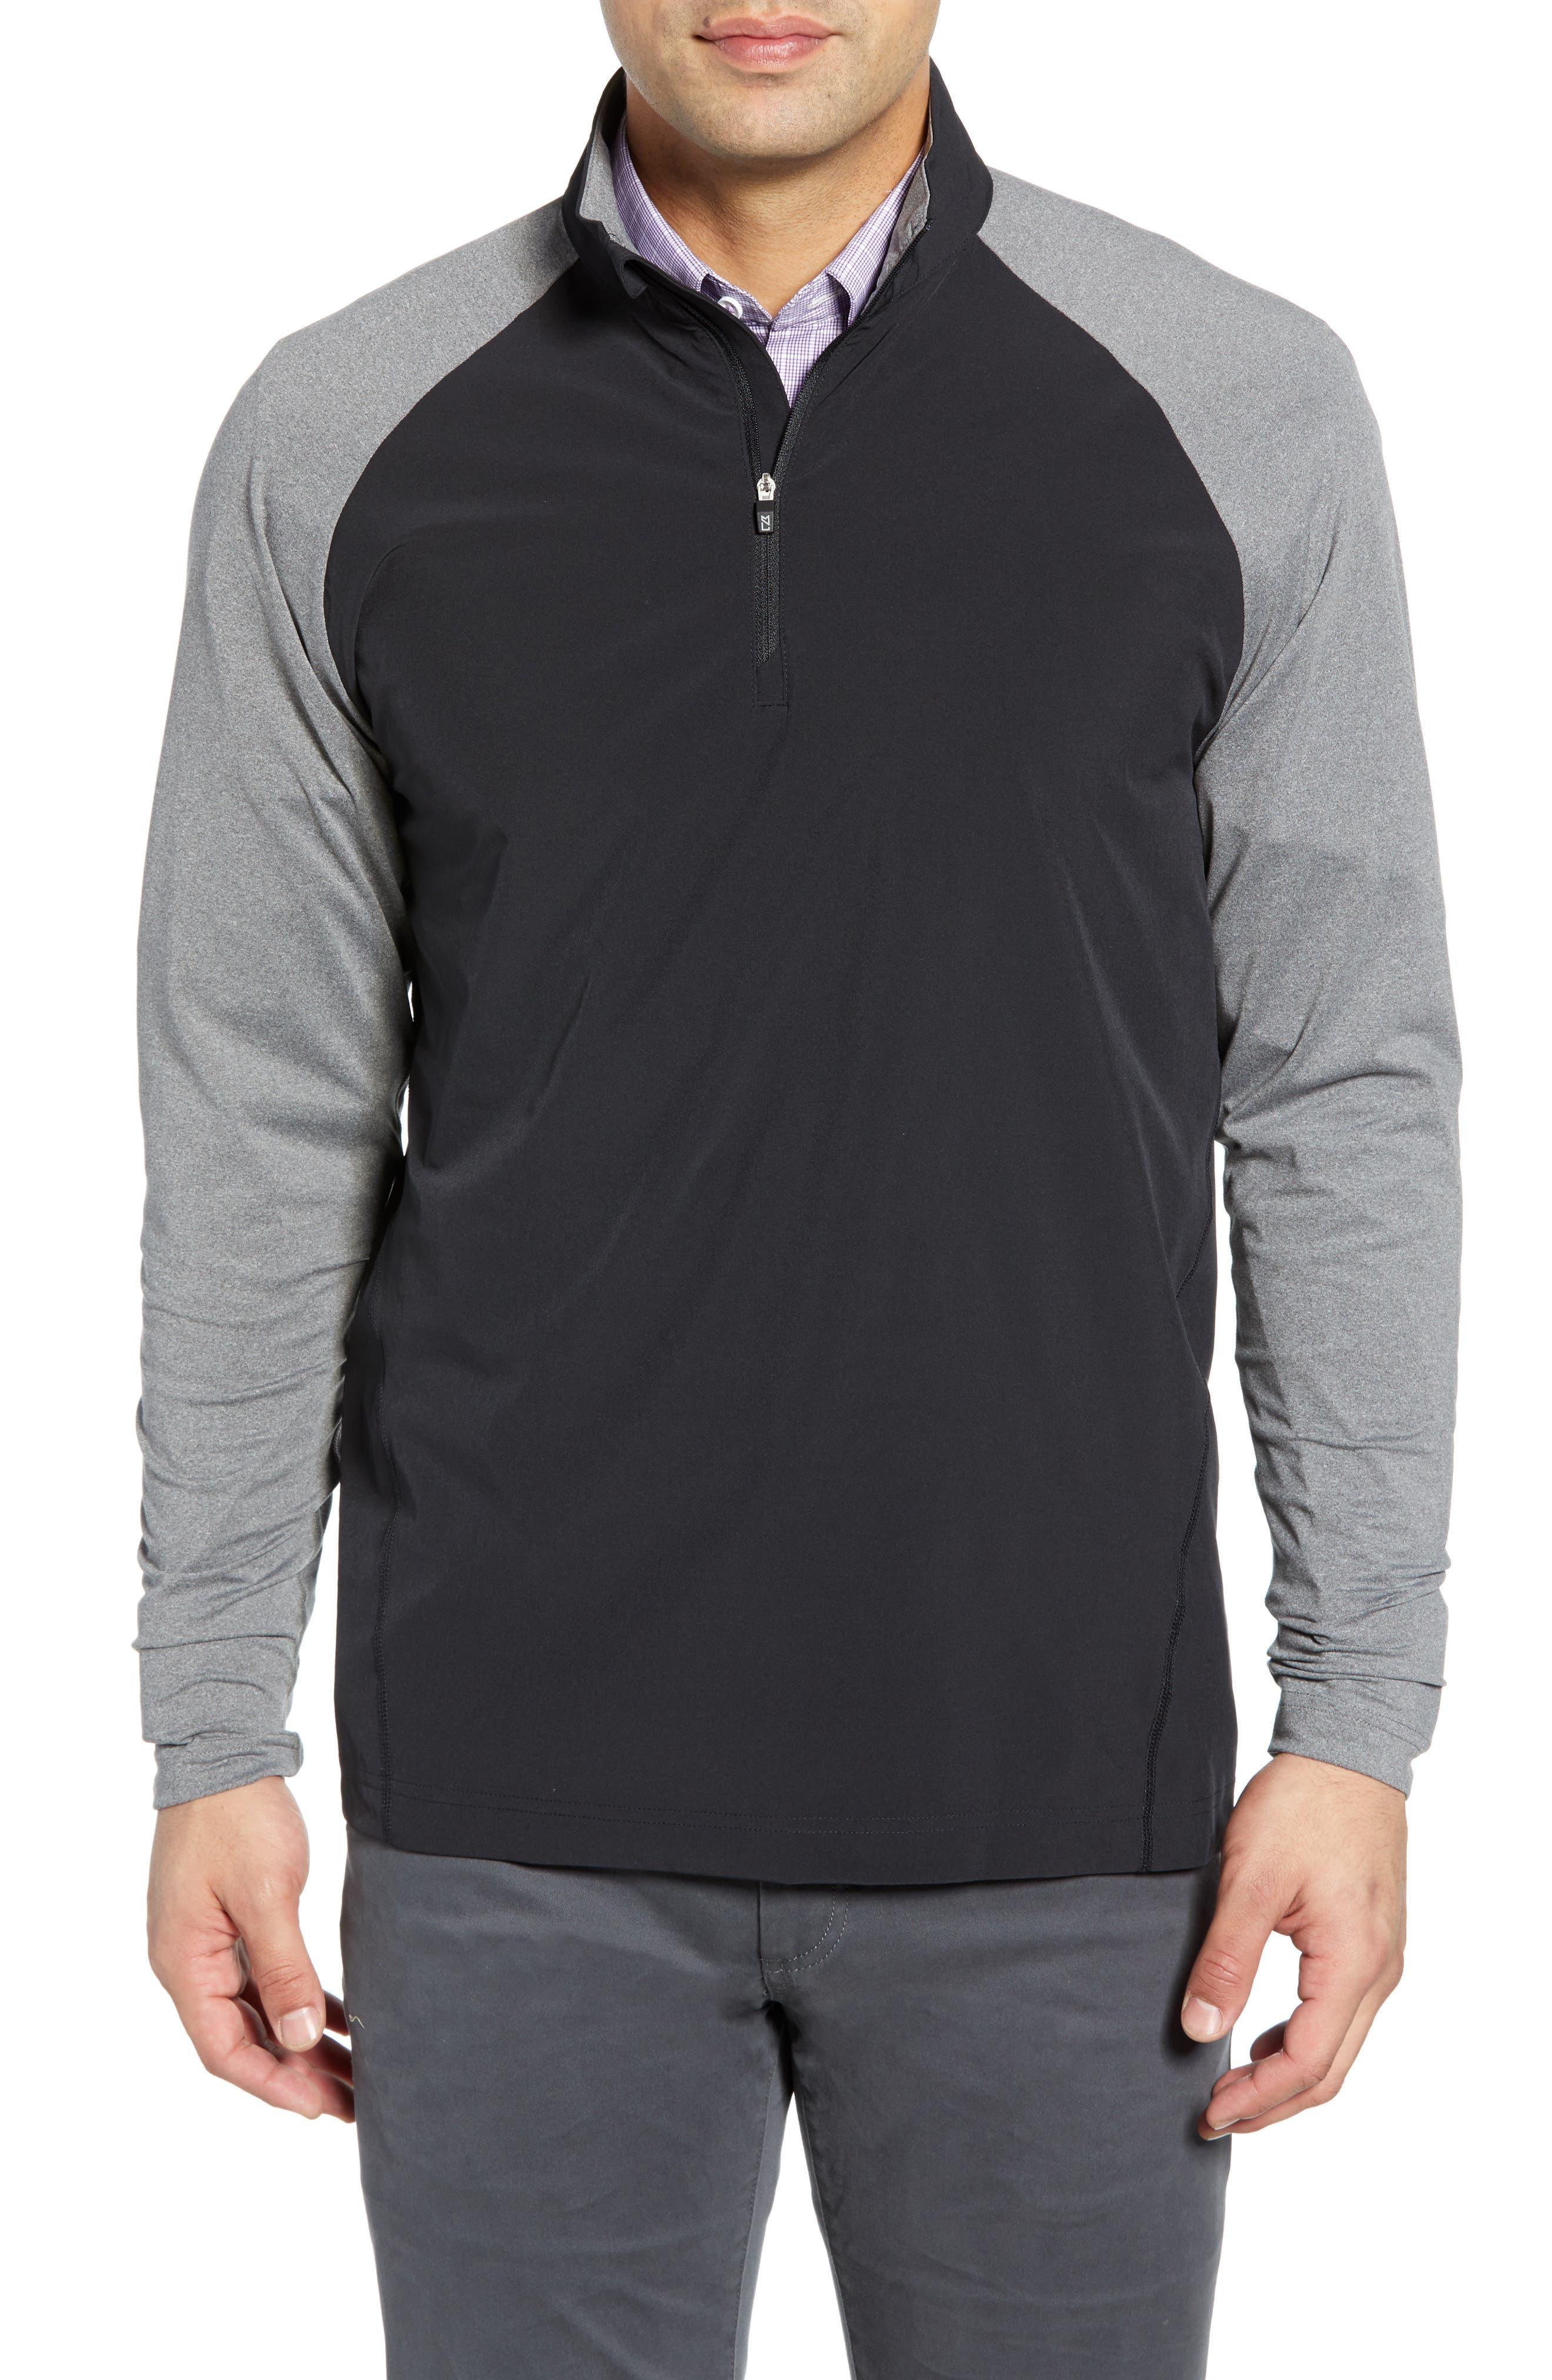 Response Hybrid Overknit Quarter Zip Pullover,                             Main thumbnail 1, color,                             BLACK